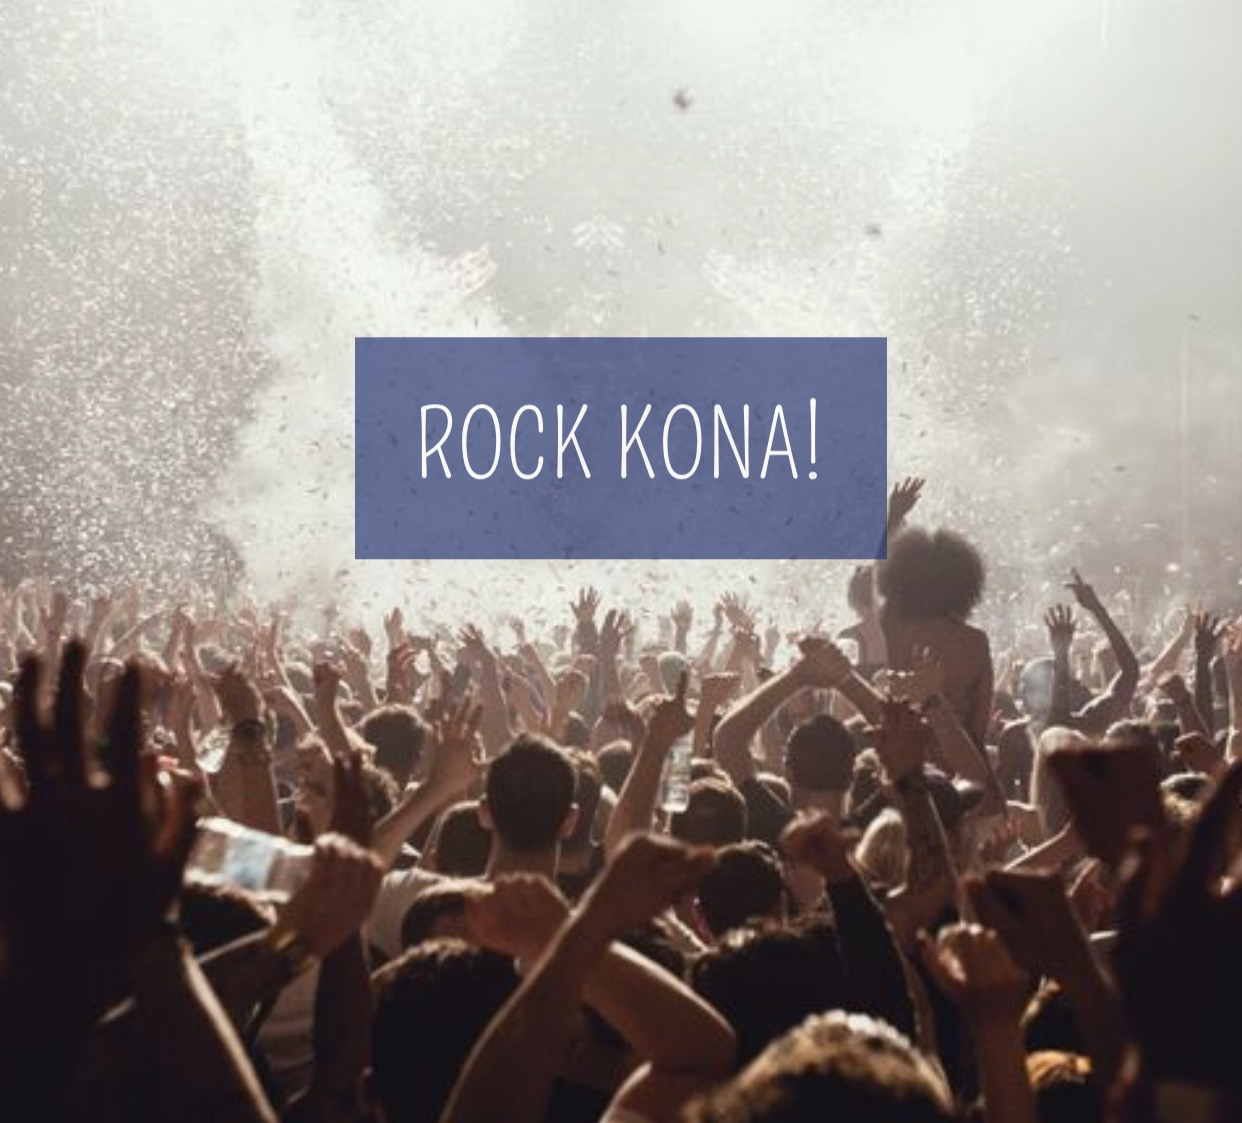 RockKona.com